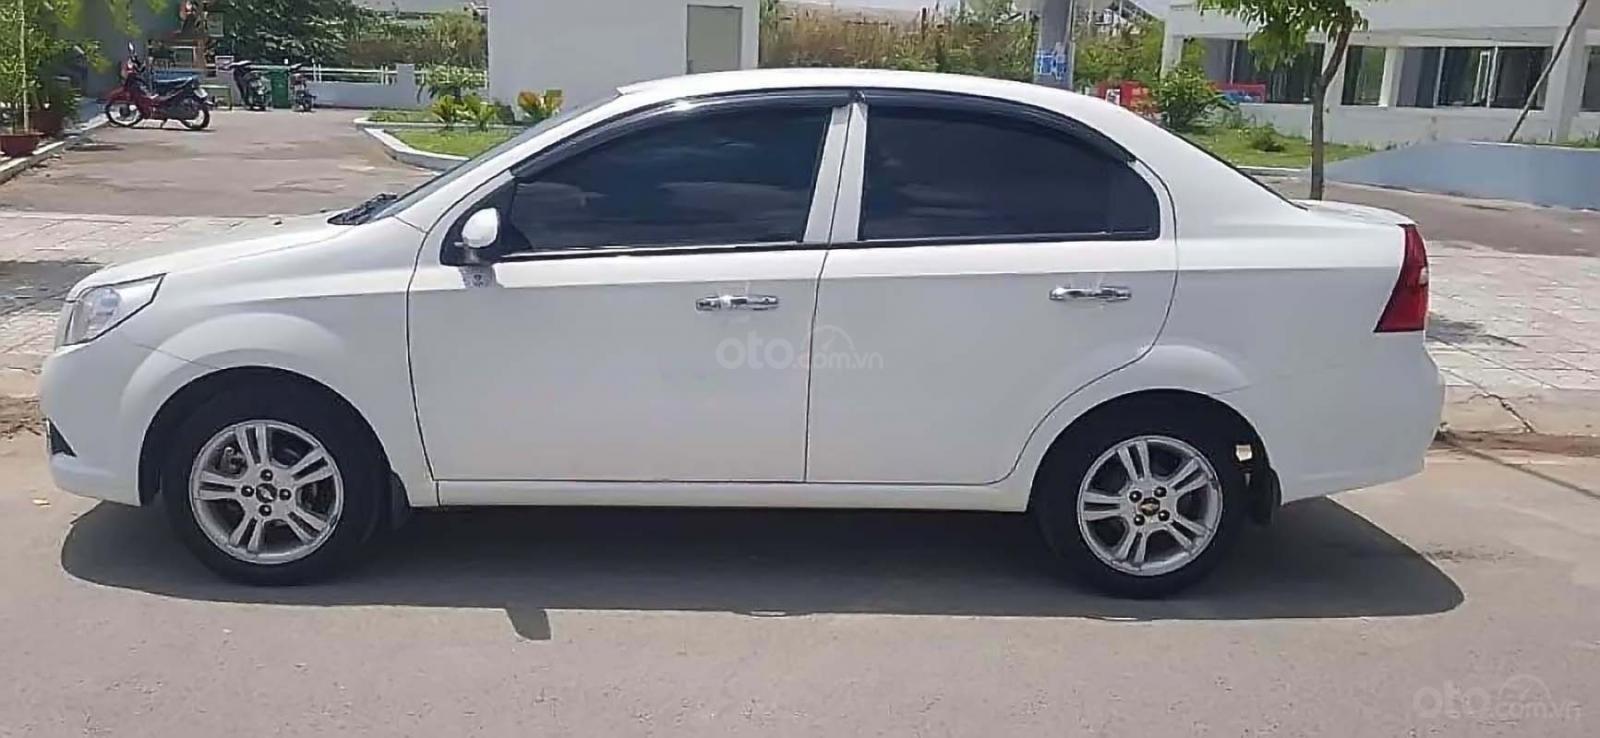 Cần bán Chevrolet Aveo LT 1.4 MT đời 2018, màu trắng số sàn, 364tr (2)